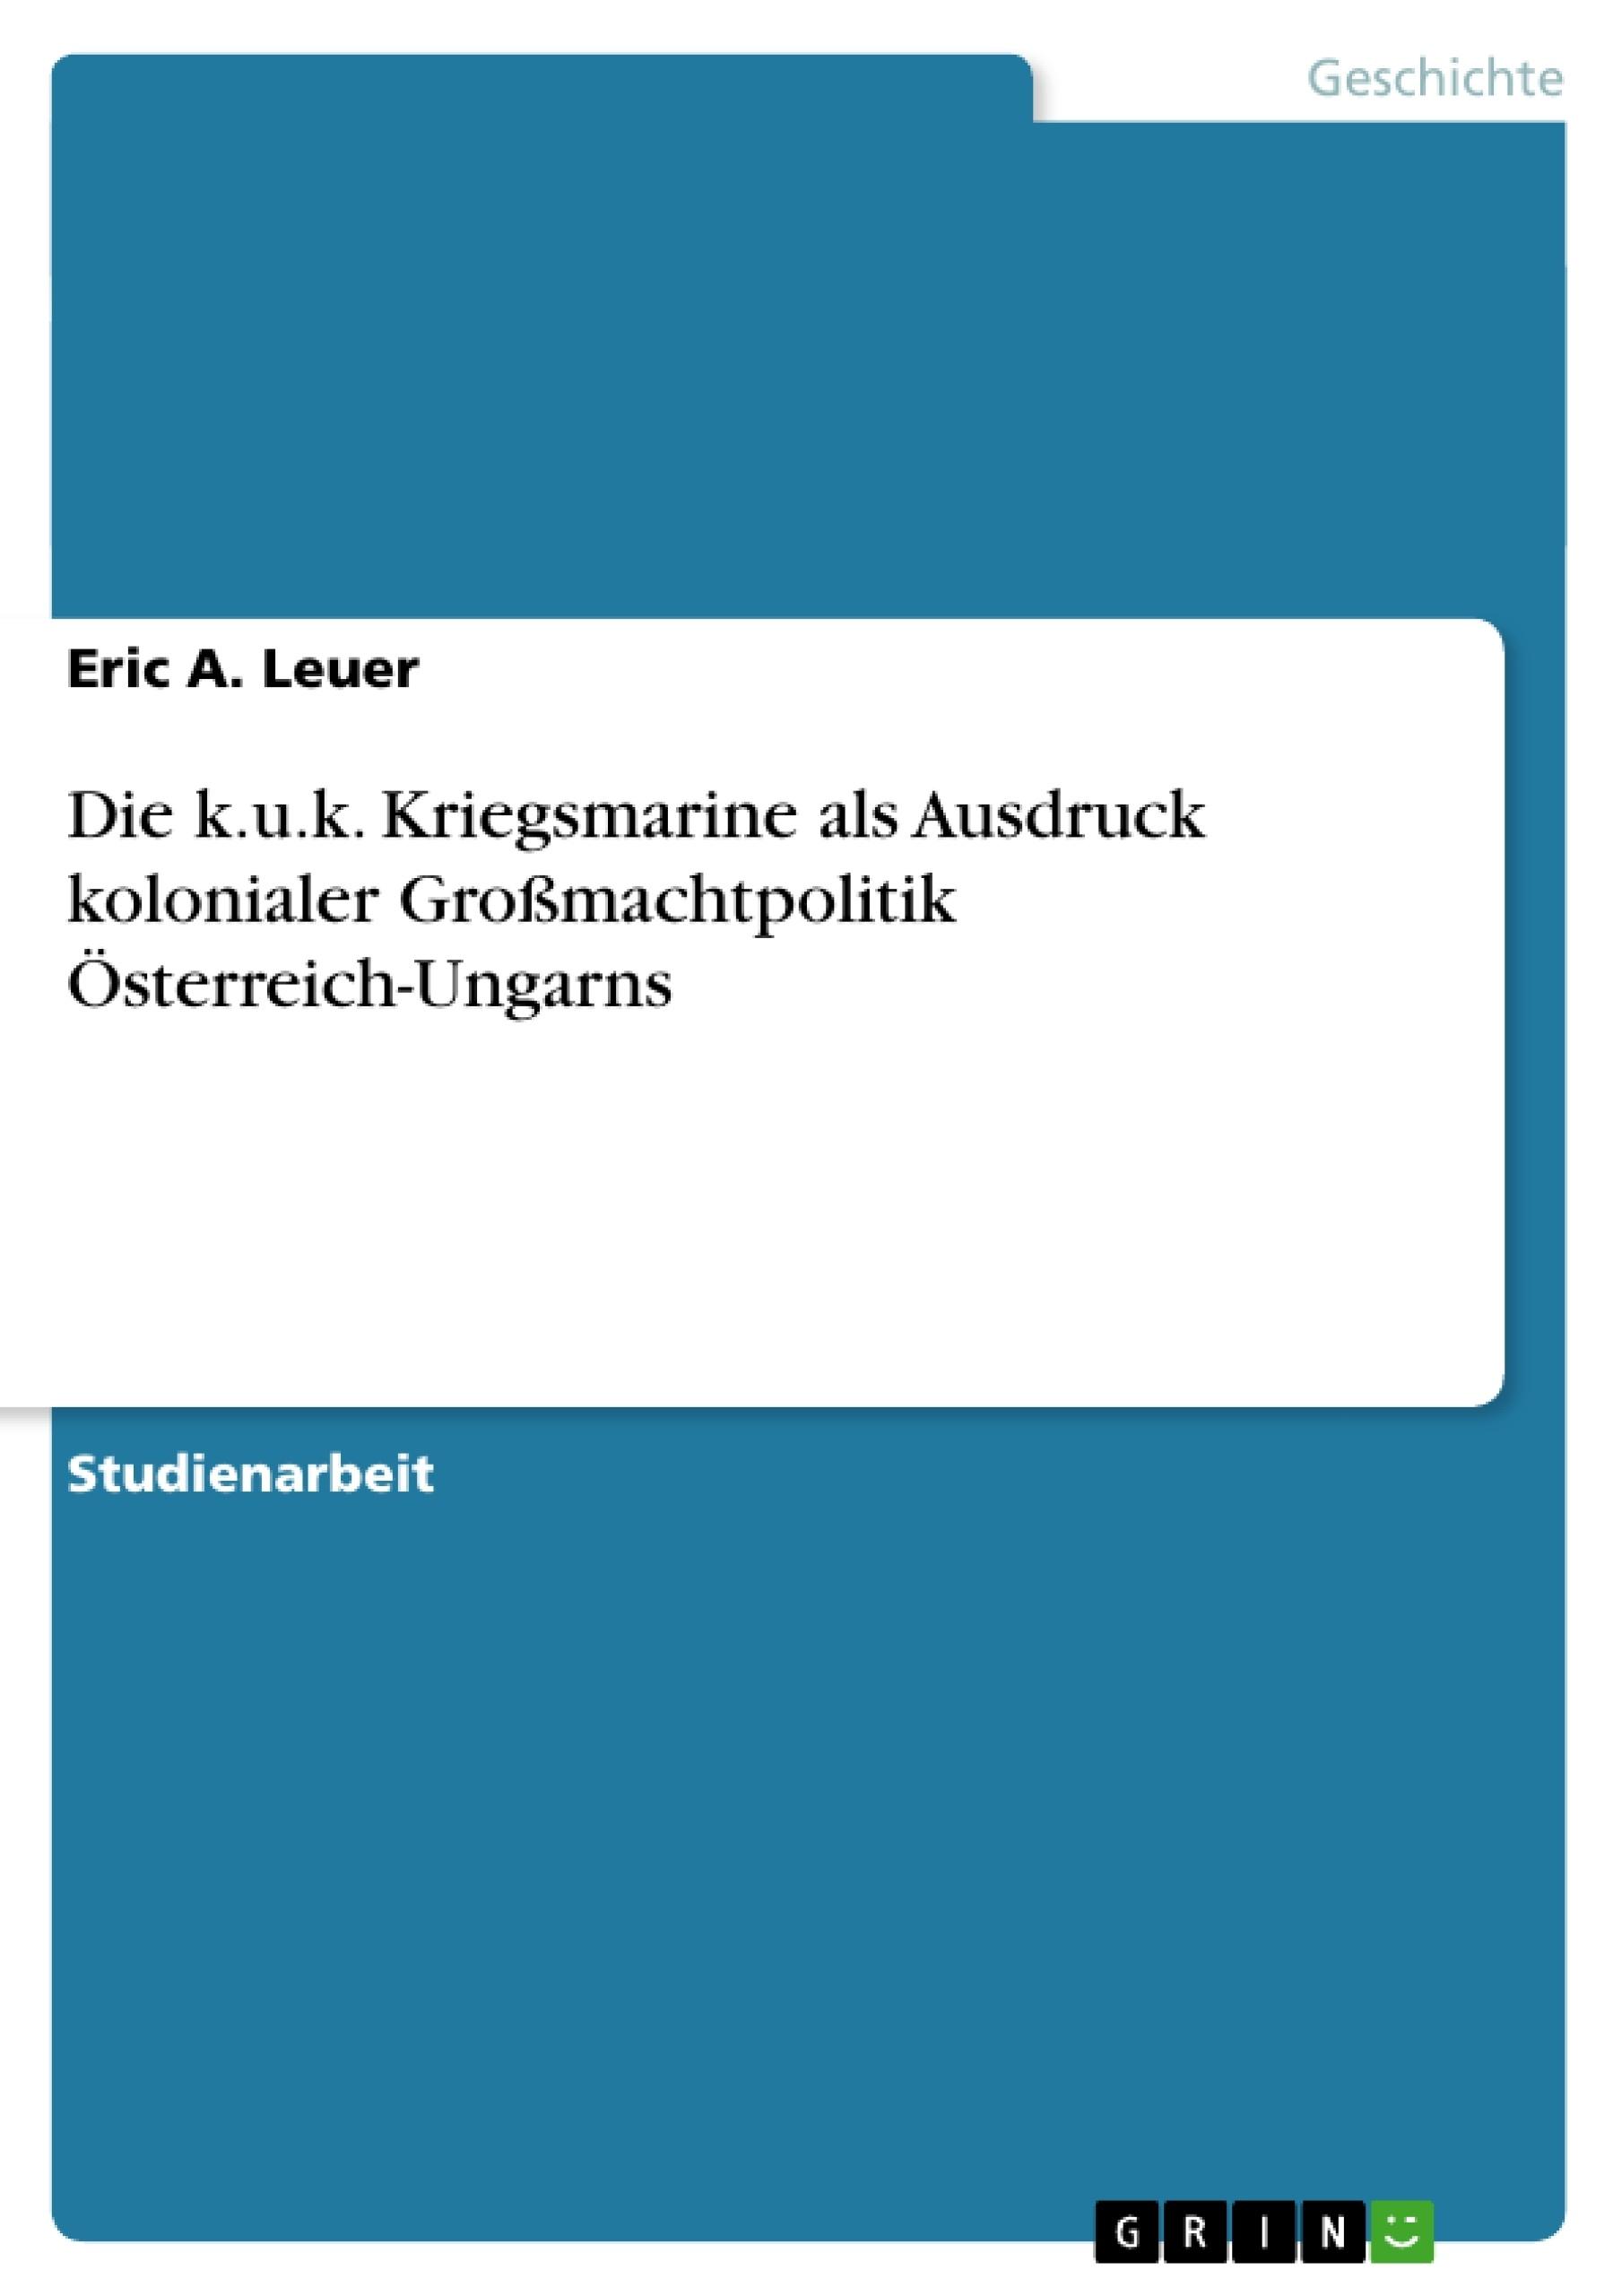 Titel: Die k.u.k. Kriegsmarine als Ausdruck kolonialer Großmachtpolitik Österreich-Ungarns